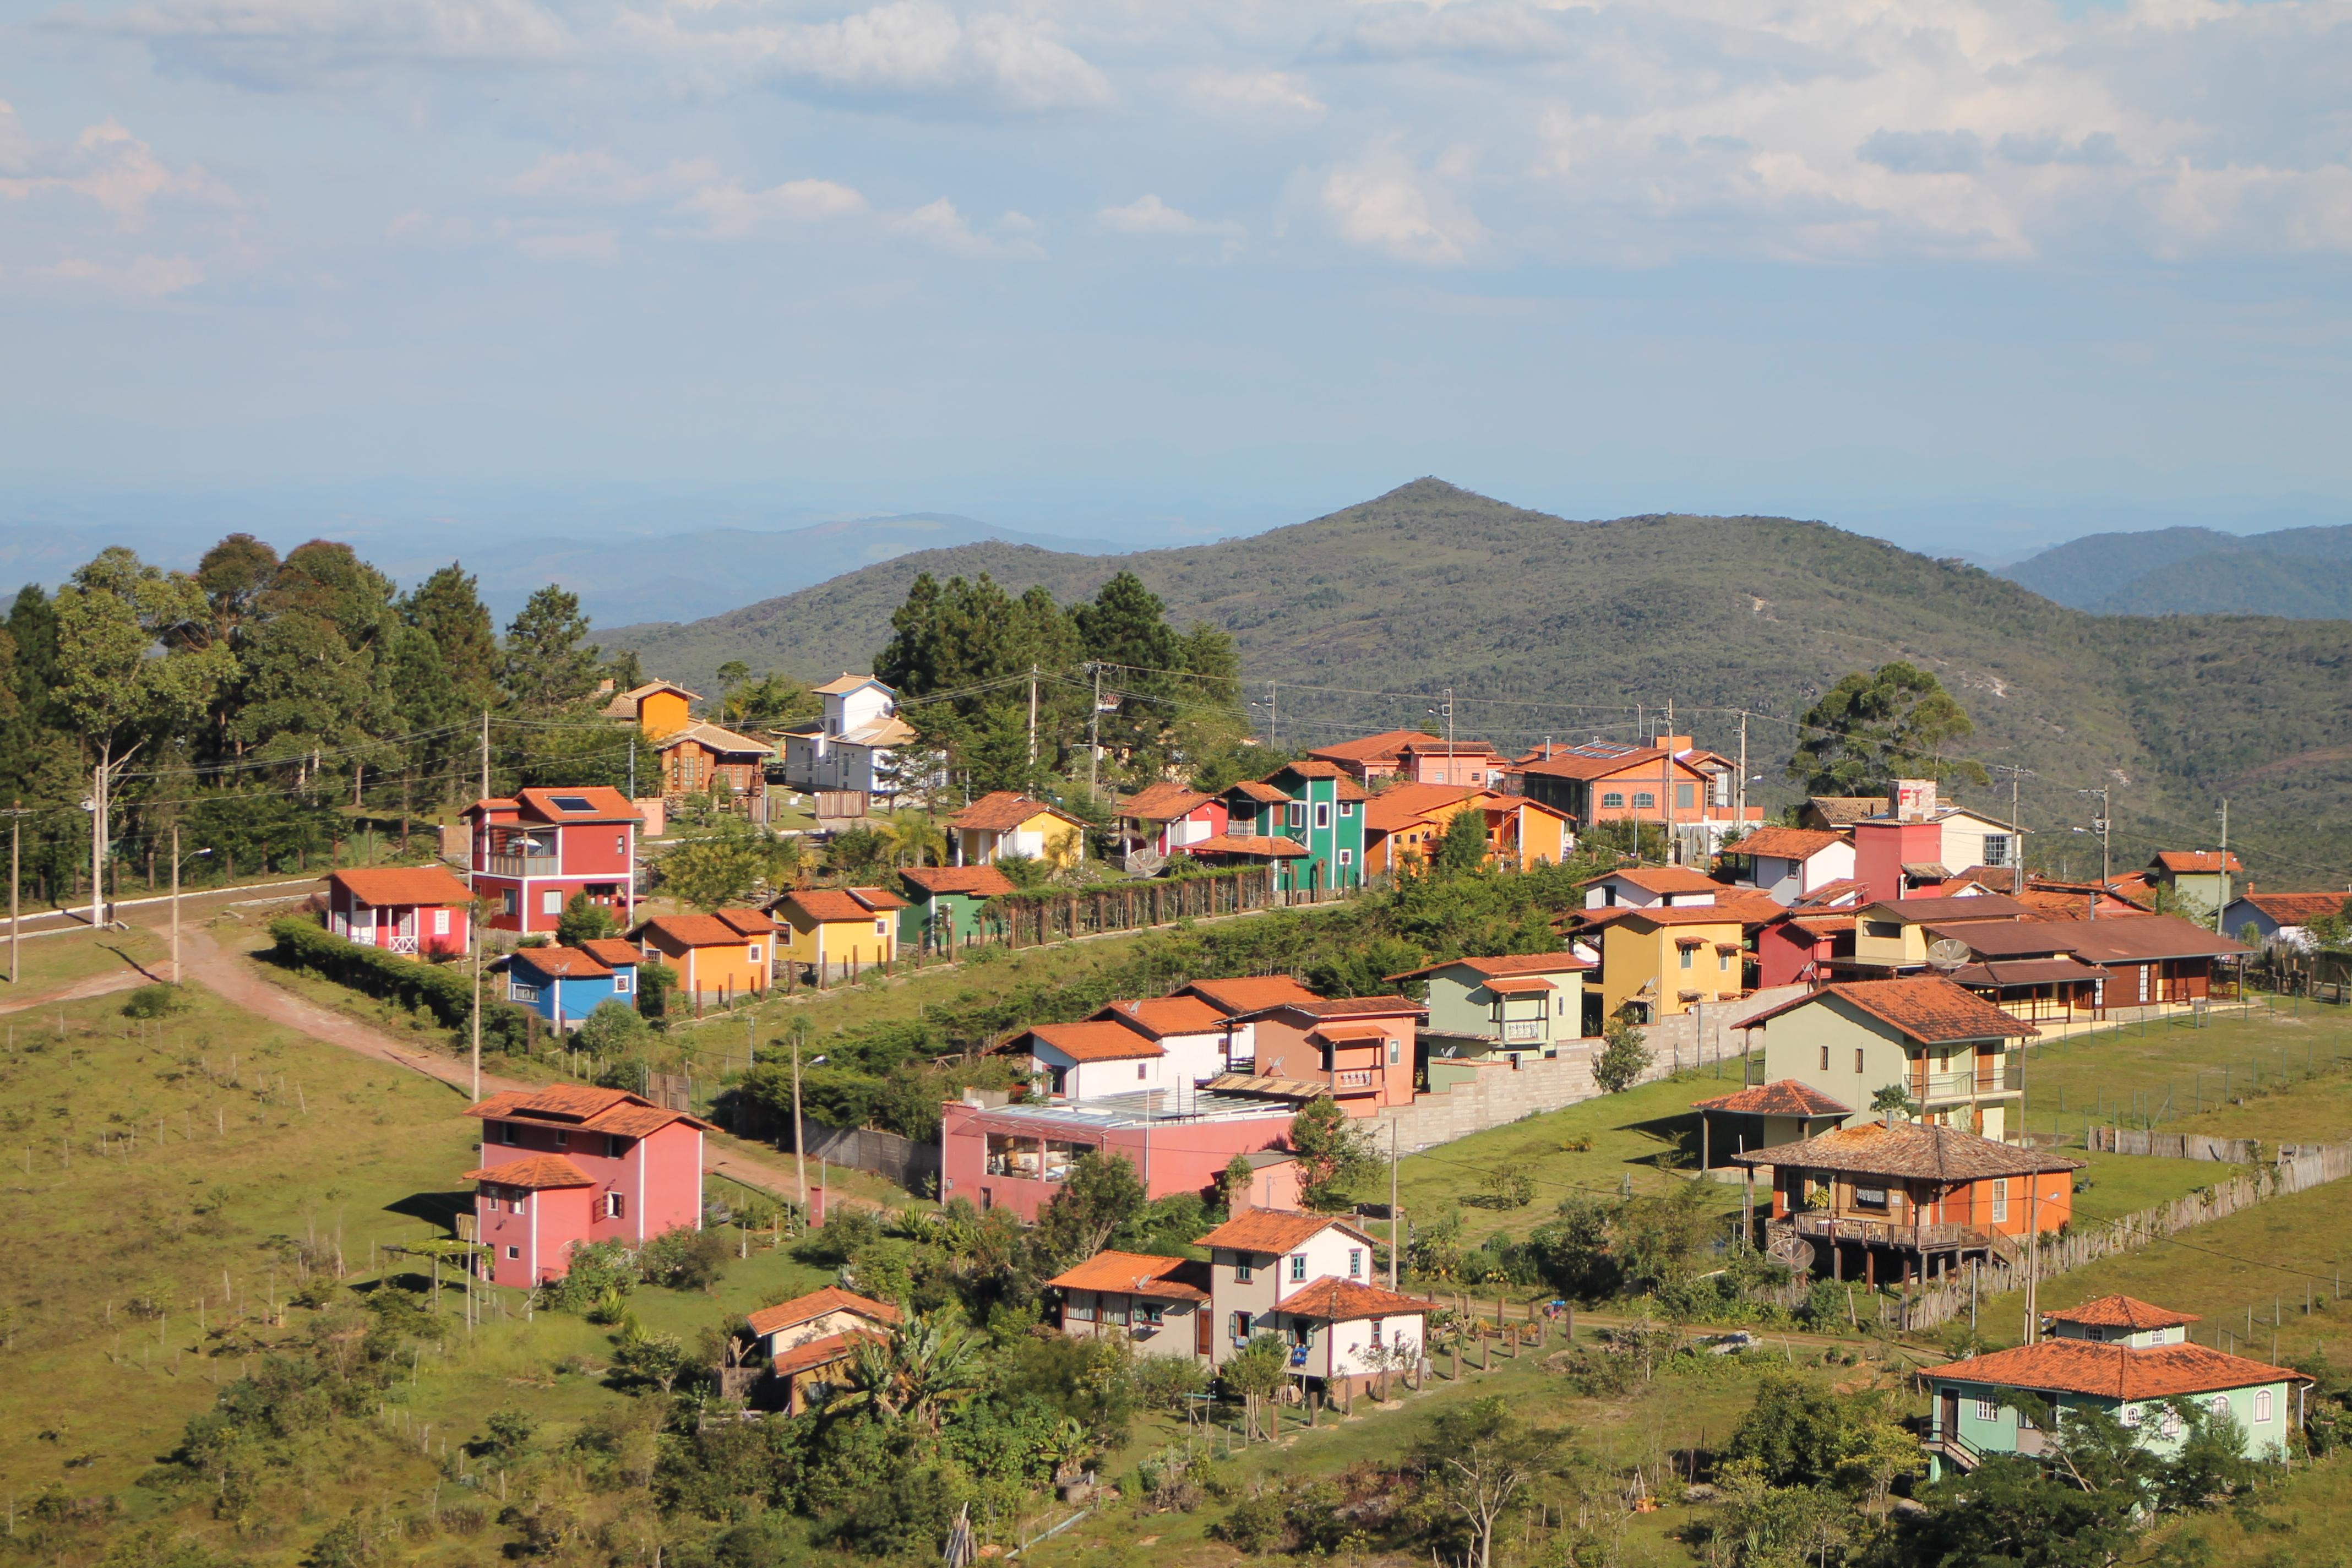 Vista da localidade